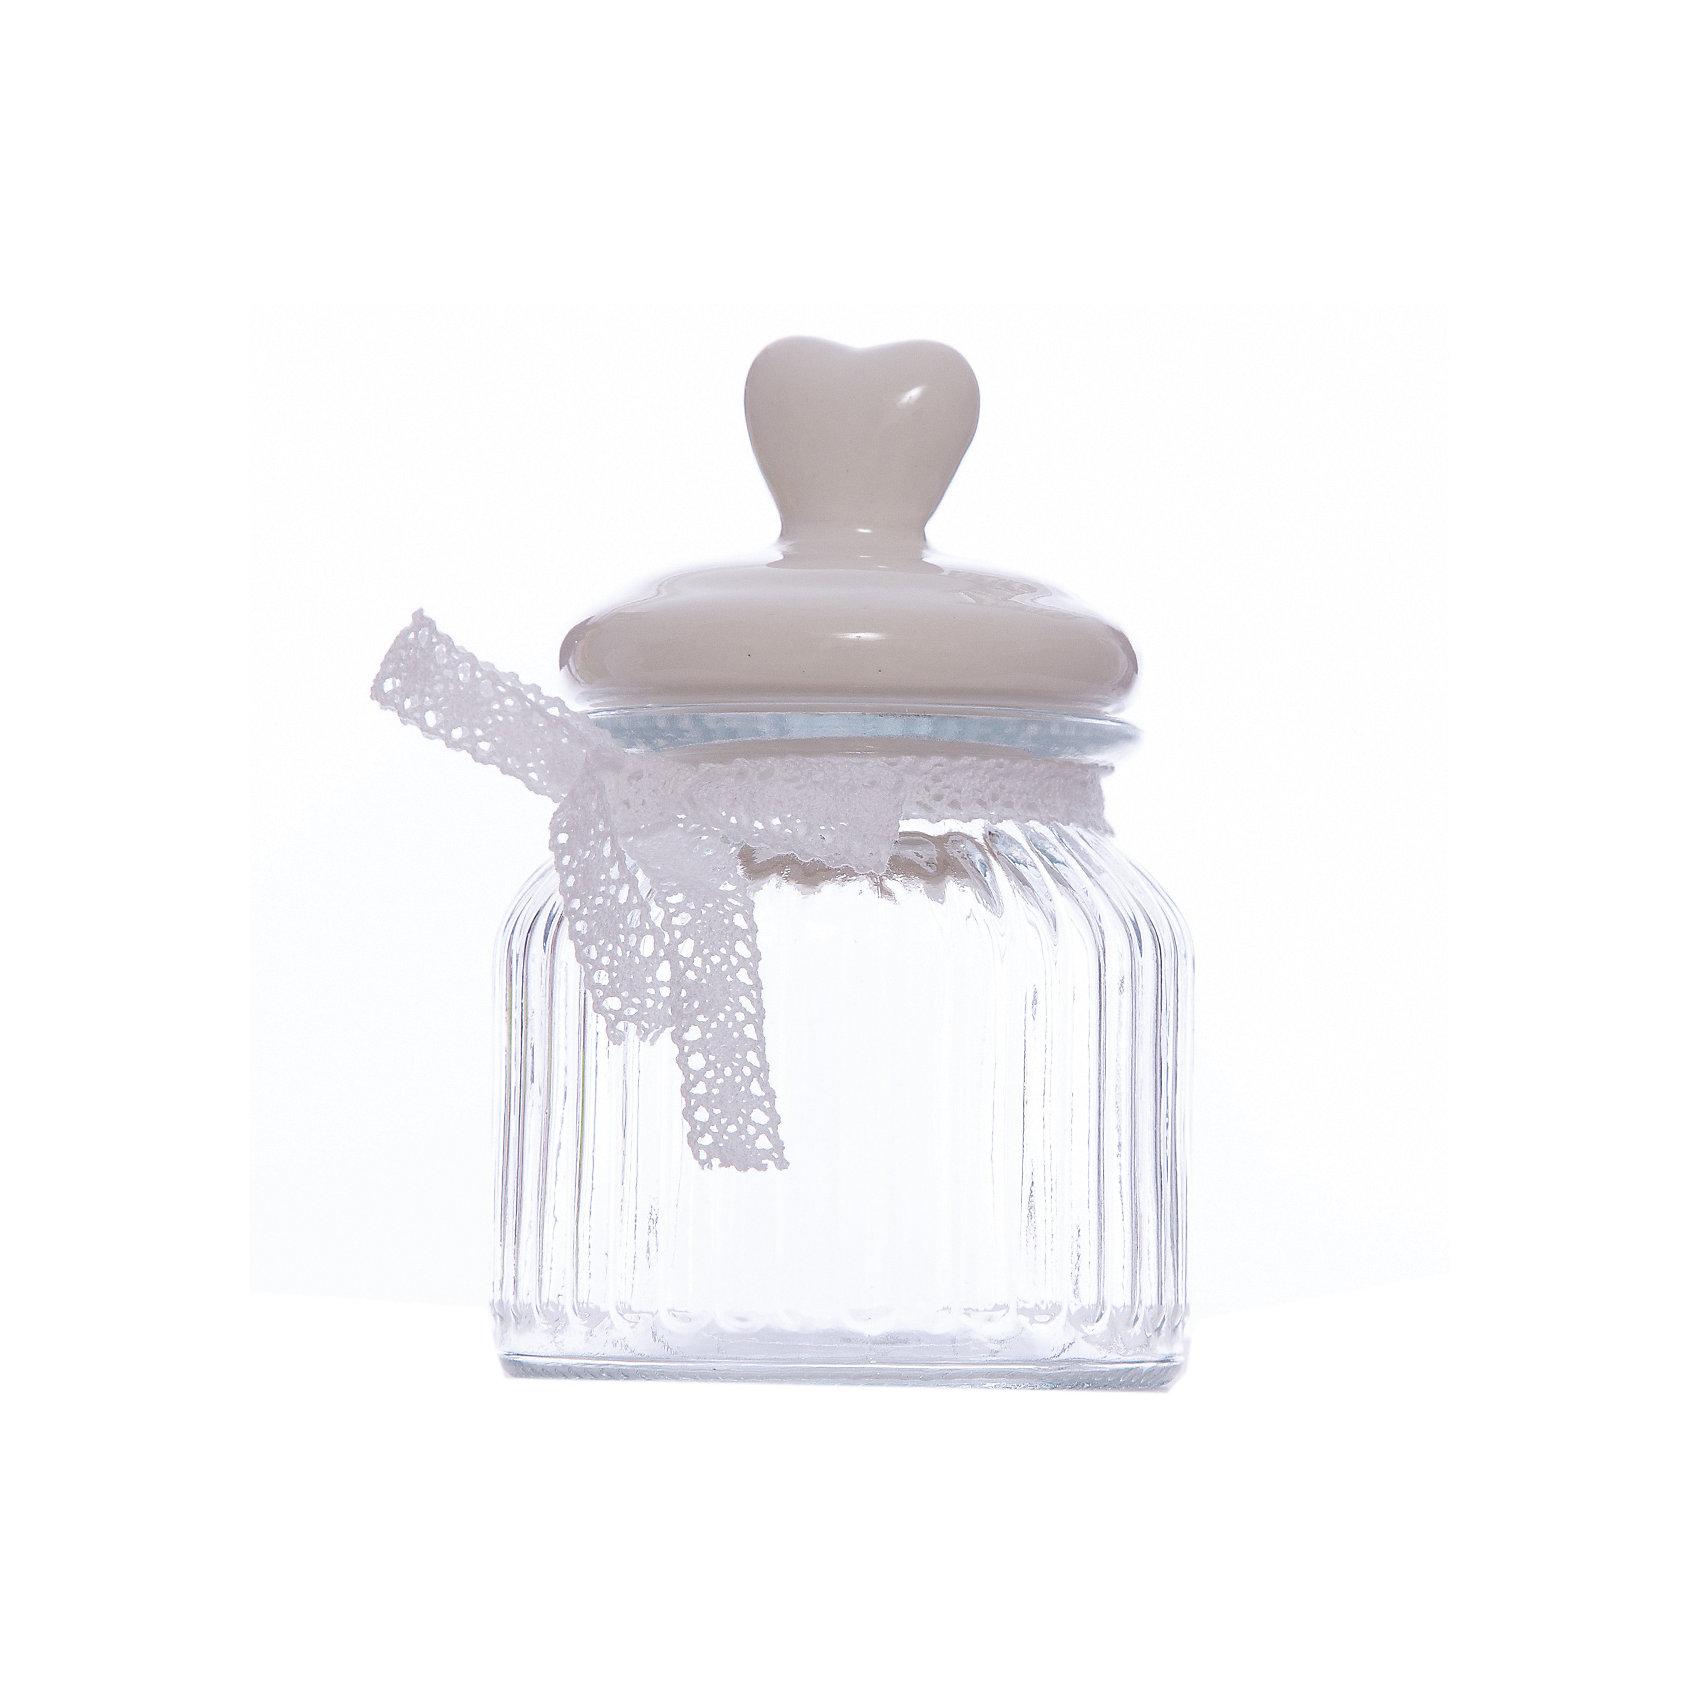 Стеклянная ёмкость для продуктов Розовое сердечко, объем 600 мл., Феникс-ПрезентПосуда<br>Стеклянная ёмкость для продуктов Розовое сердечко, объем 600 мл., Феникс-Презент<br><br>Характеристики:<br><br>• ёмкость для продуктов с керамической крышкой<br>• объем: 600 мл<br>• материал: стекло, керамика, текстиль<br>• размер: 11,4х11,4х19,3 см<br><br>Ёмкость Розовое сердечко подходит для хранения продуктов. Баночка изготовлена из стекла. Крышка выполнена из керамики. Верх крышки изготовлен в виде небольшого сердечка. Ёмкость дополнена текстильным бантом. Объем - 600 мл. Эта ёмкость станет очаровательным украшением для вашей кухни!<br><br>Стеклянная ёмкость для продуктов Розовое сердечко, объем 600 мл., Феникс-Презент можно купить в нашем интернет-магазине.<br><br>Ширина мм: 193<br>Глубина мм: 114<br>Высота мм: 114<br>Вес г: 608<br>Возраст от месяцев: 120<br>Возраст до месяцев: 2147483647<br>Пол: Унисекс<br>Возраст: Детский<br>SKU: 5449524